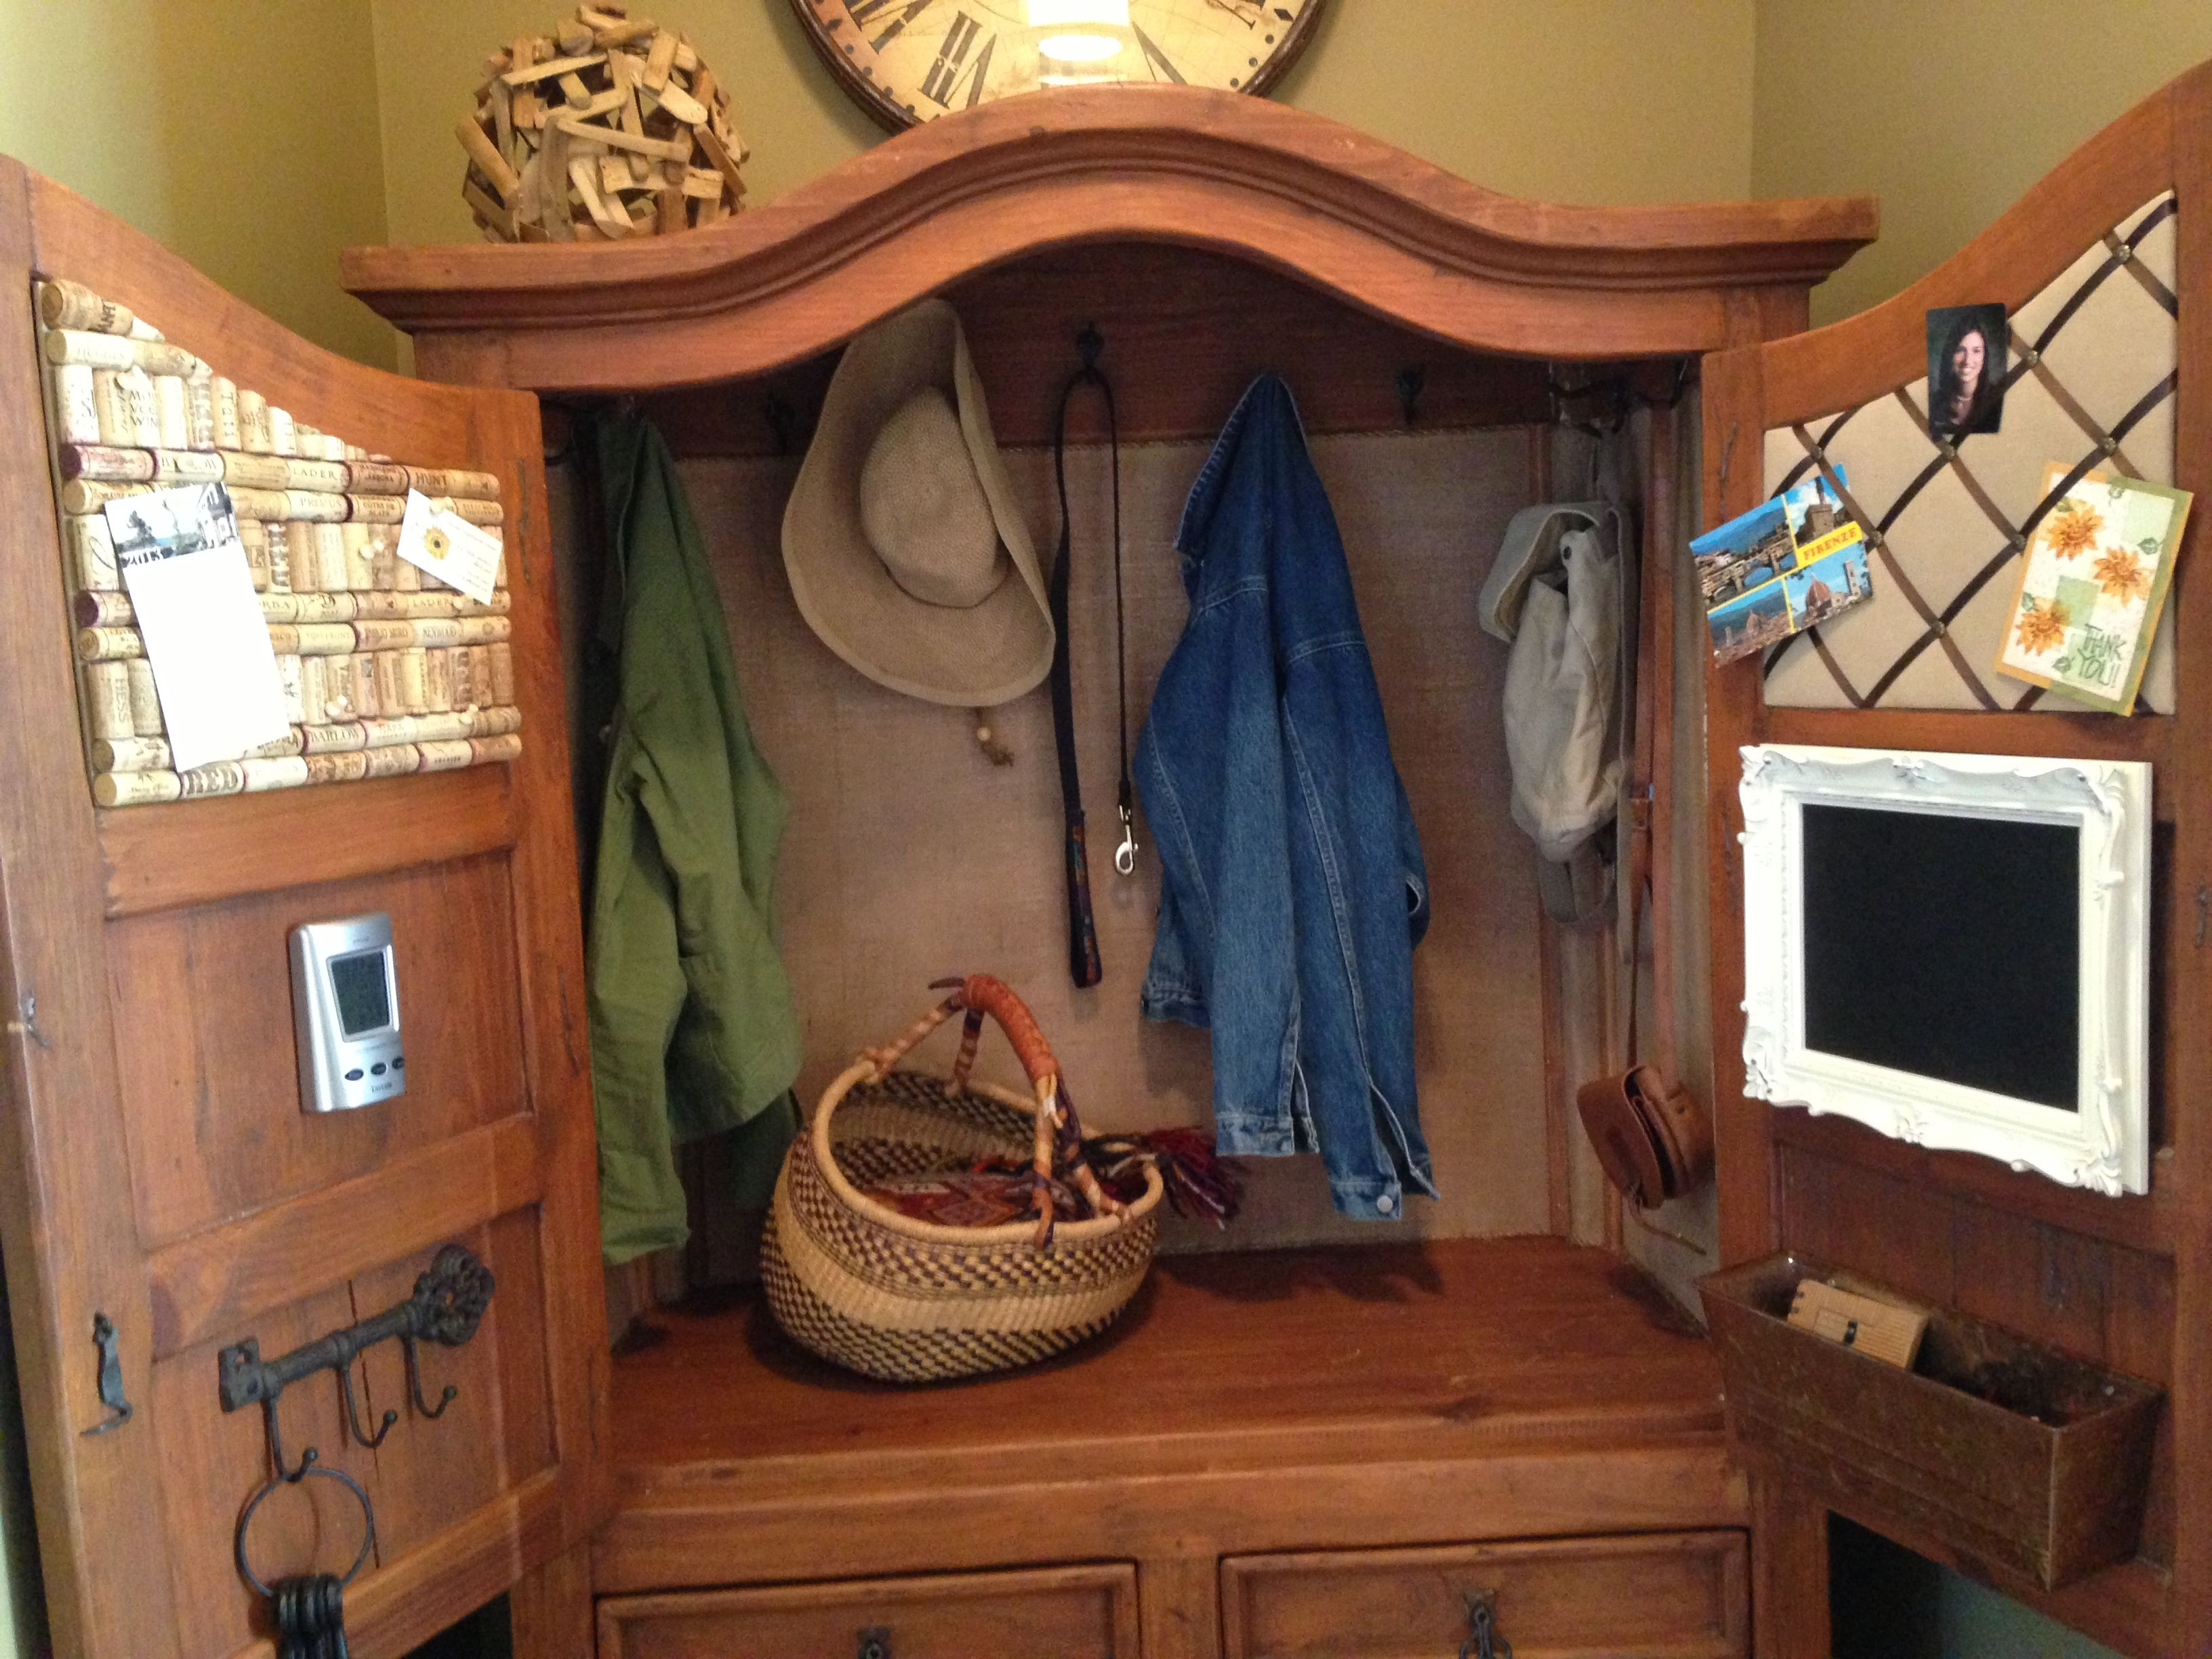 Repurposed armoire interior.